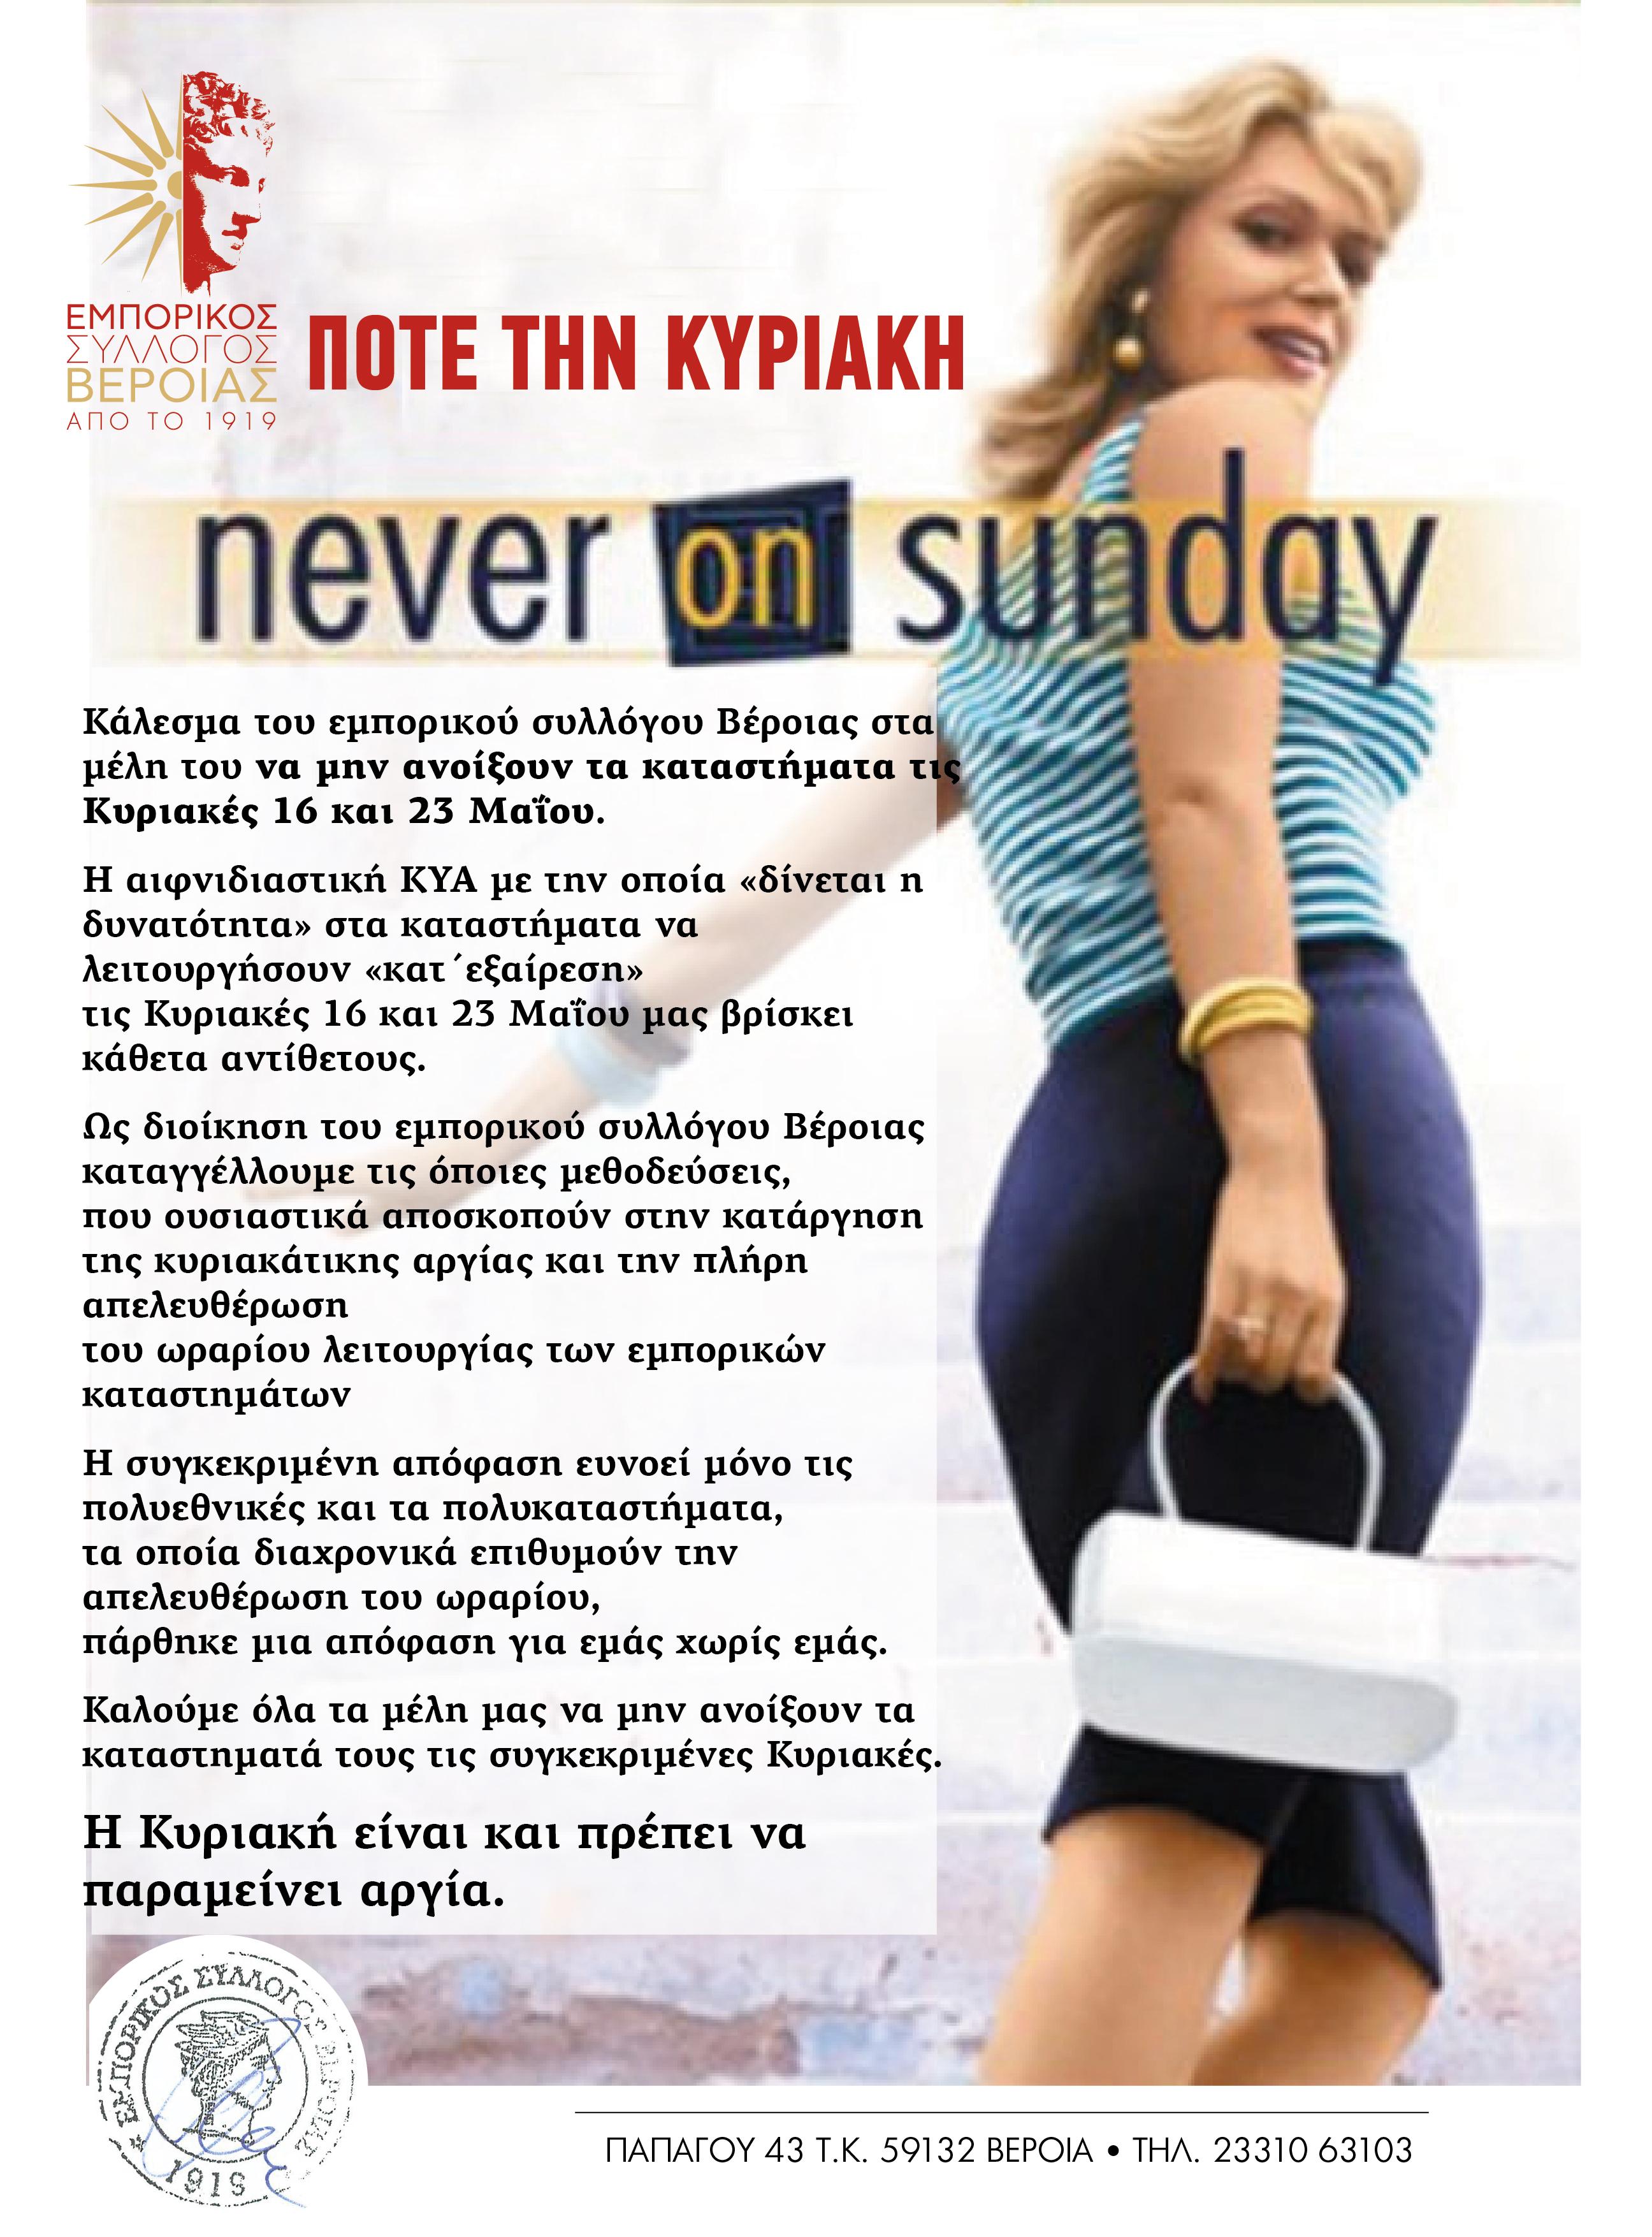 Εμπορικός Σύλλογος Βέροιας: Η Κυριακή είναι και πρέπει να παραμείνει αργία!